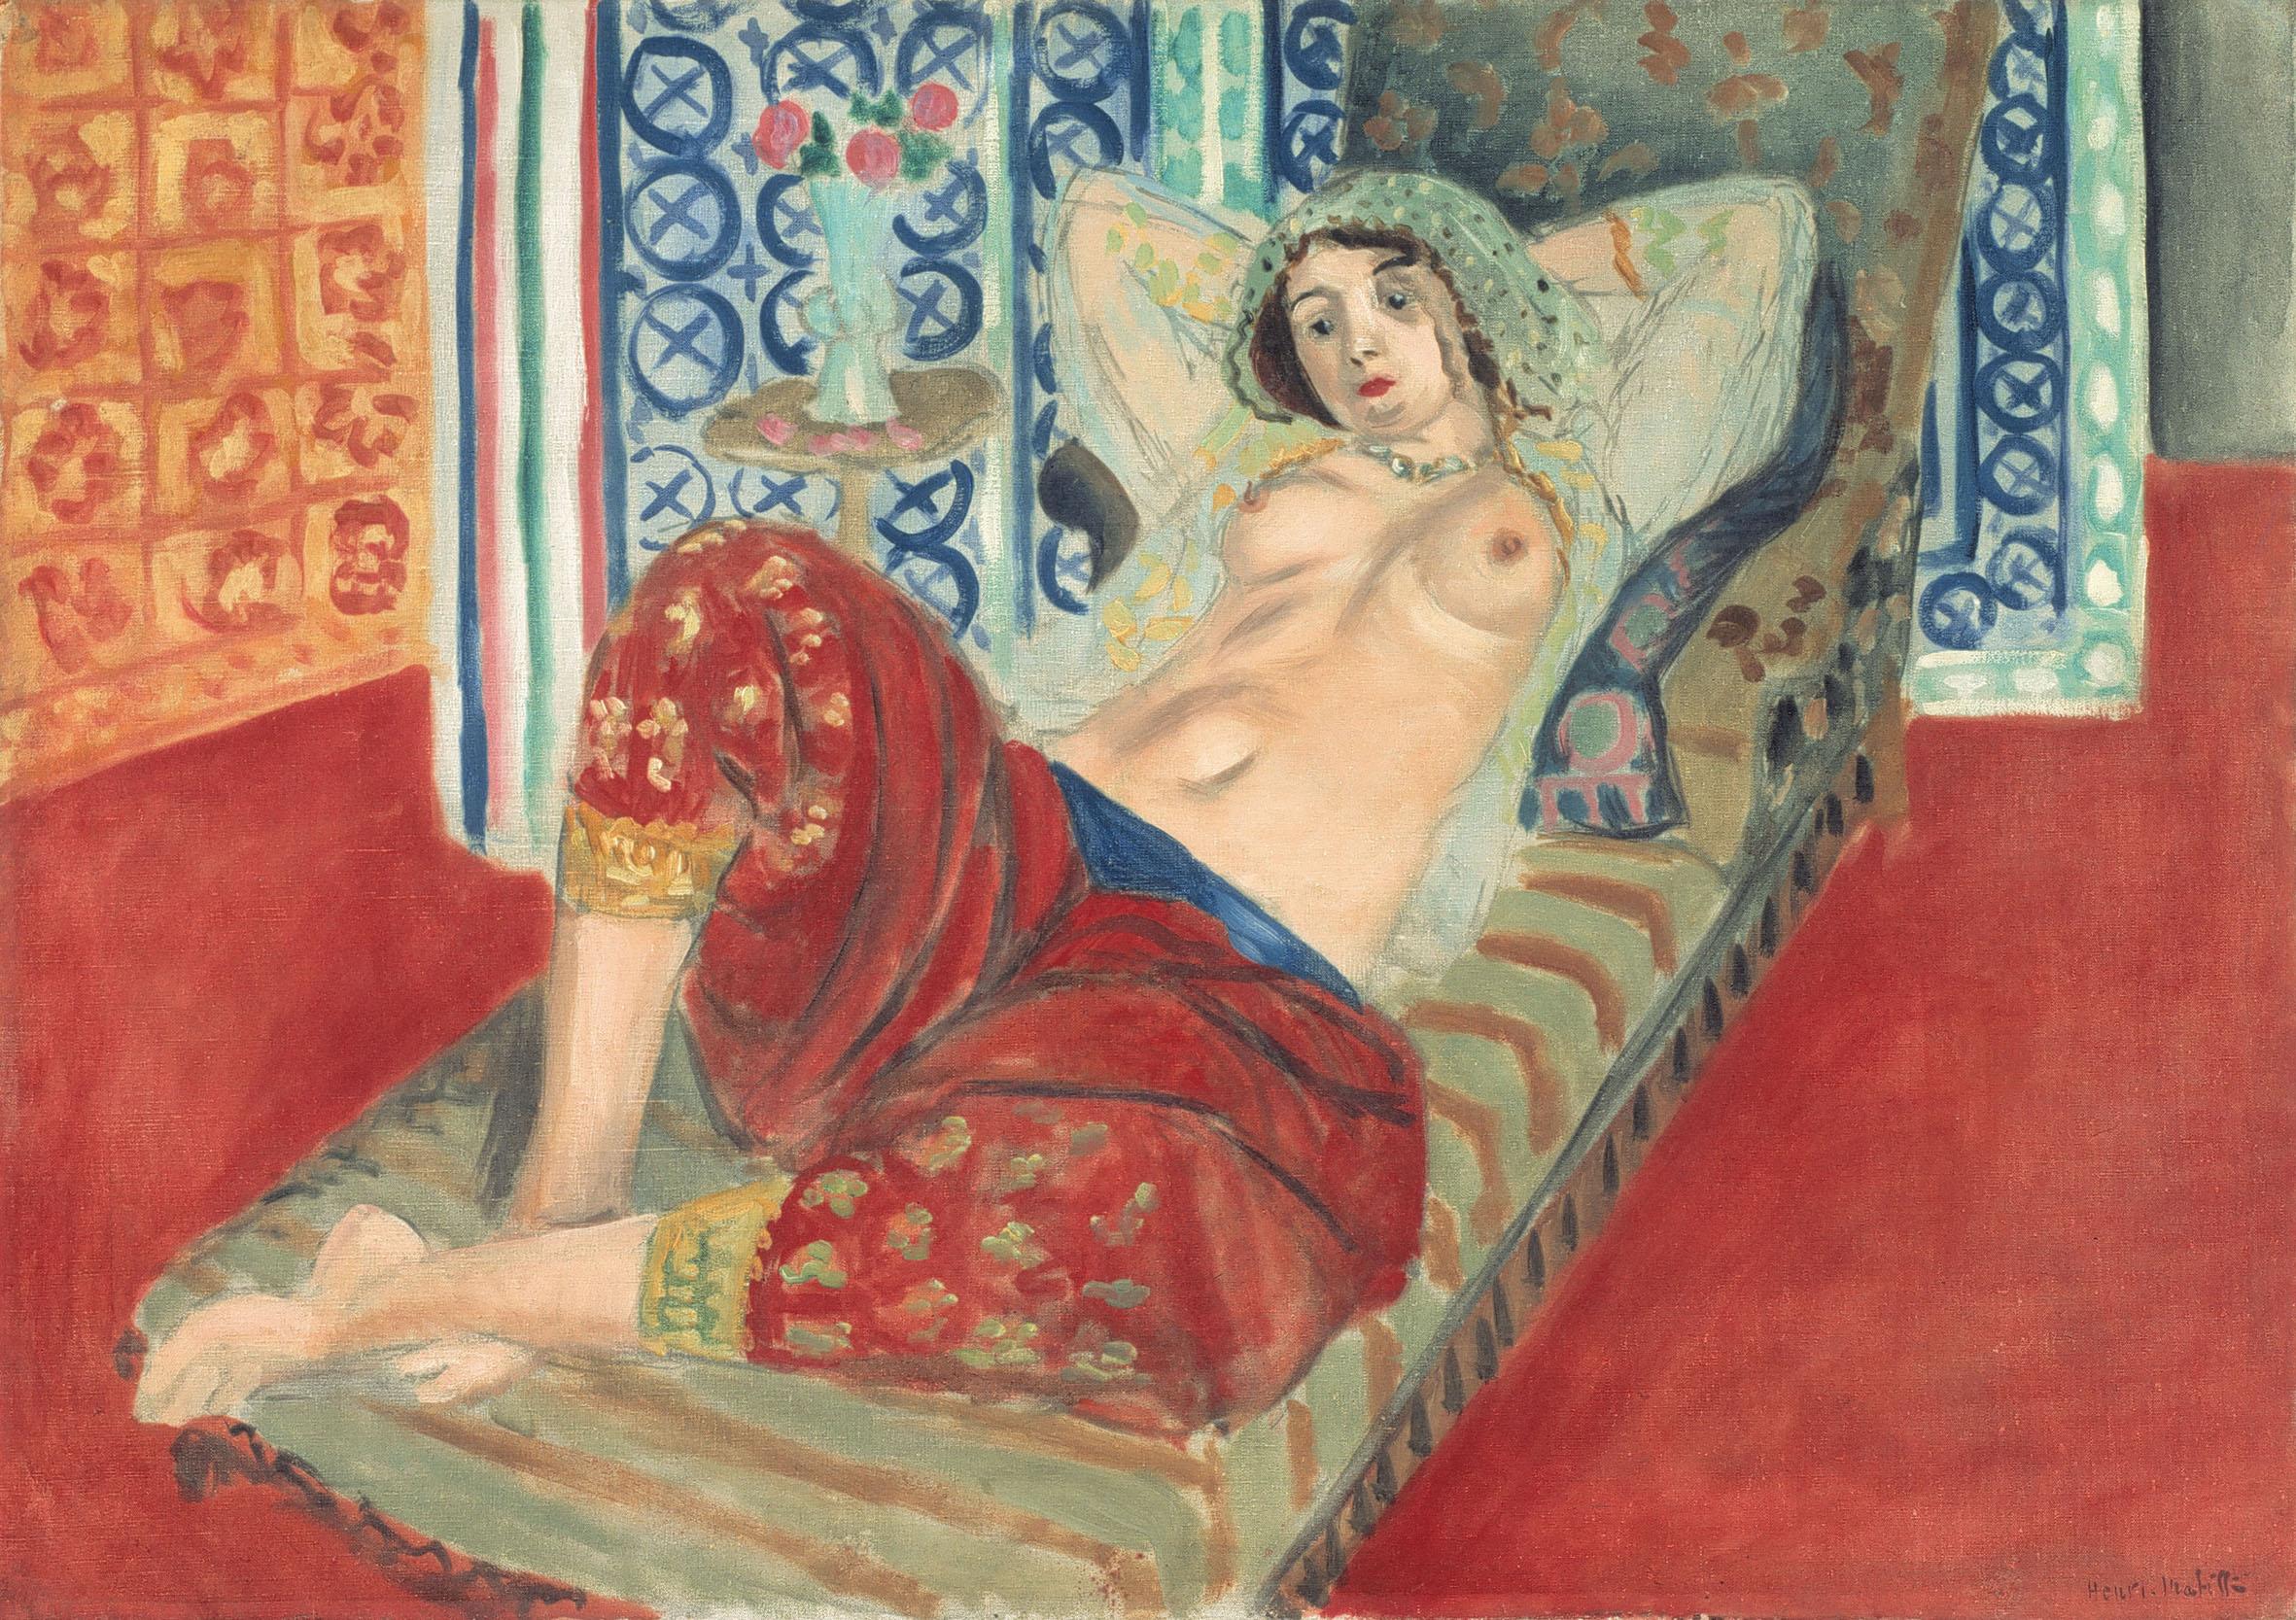 Fino al 29 settembre l'esposizione di opere di odalische di Matisse a Nizza nel museo dedicato all'artista.